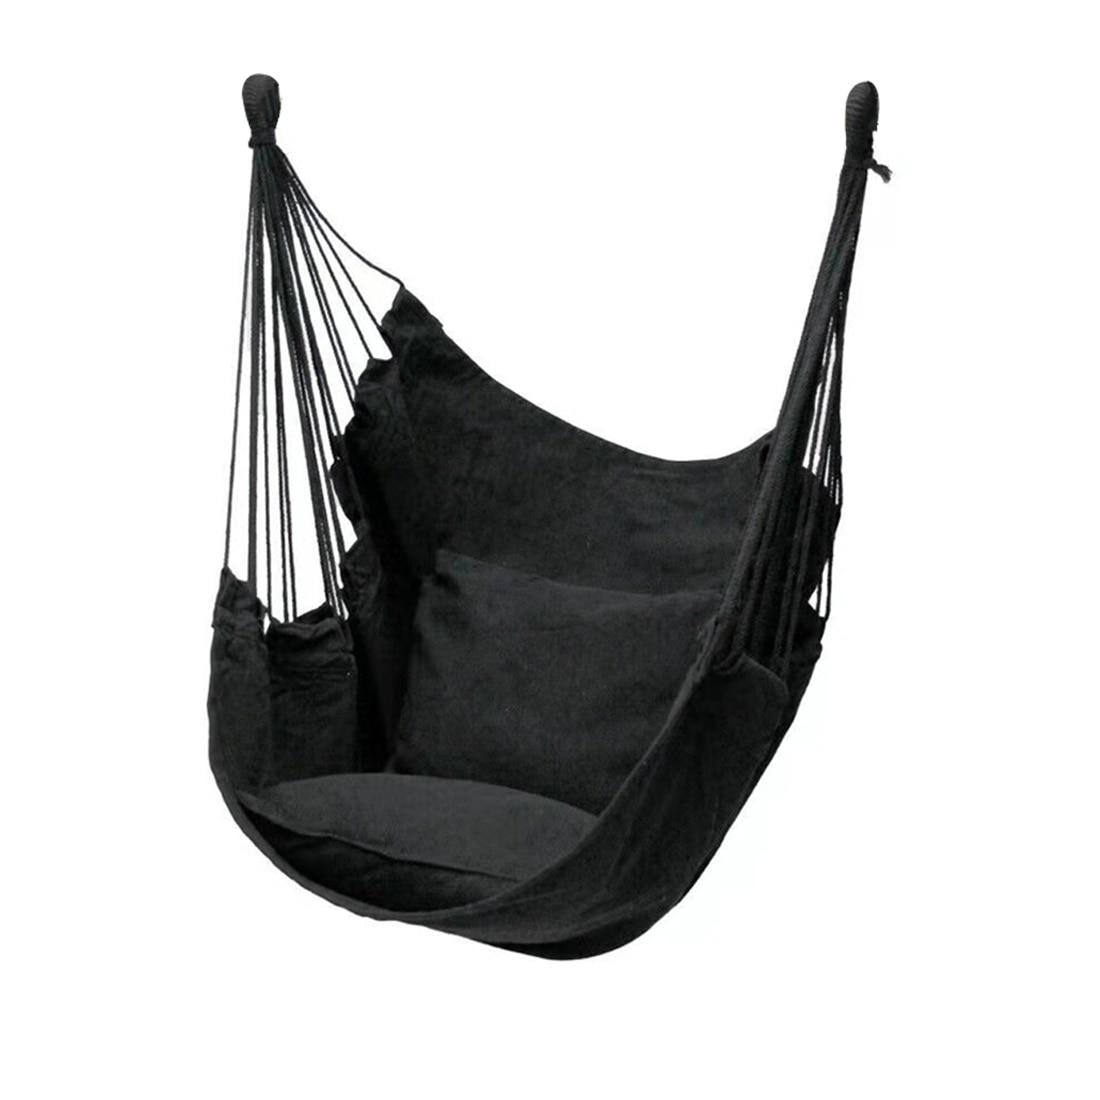 Кресло-качели для гамака, утолщенное подвесное качели, портативное, для релаксации, из холщовой ткани, для отдыха на открытом воздухе, путеш...